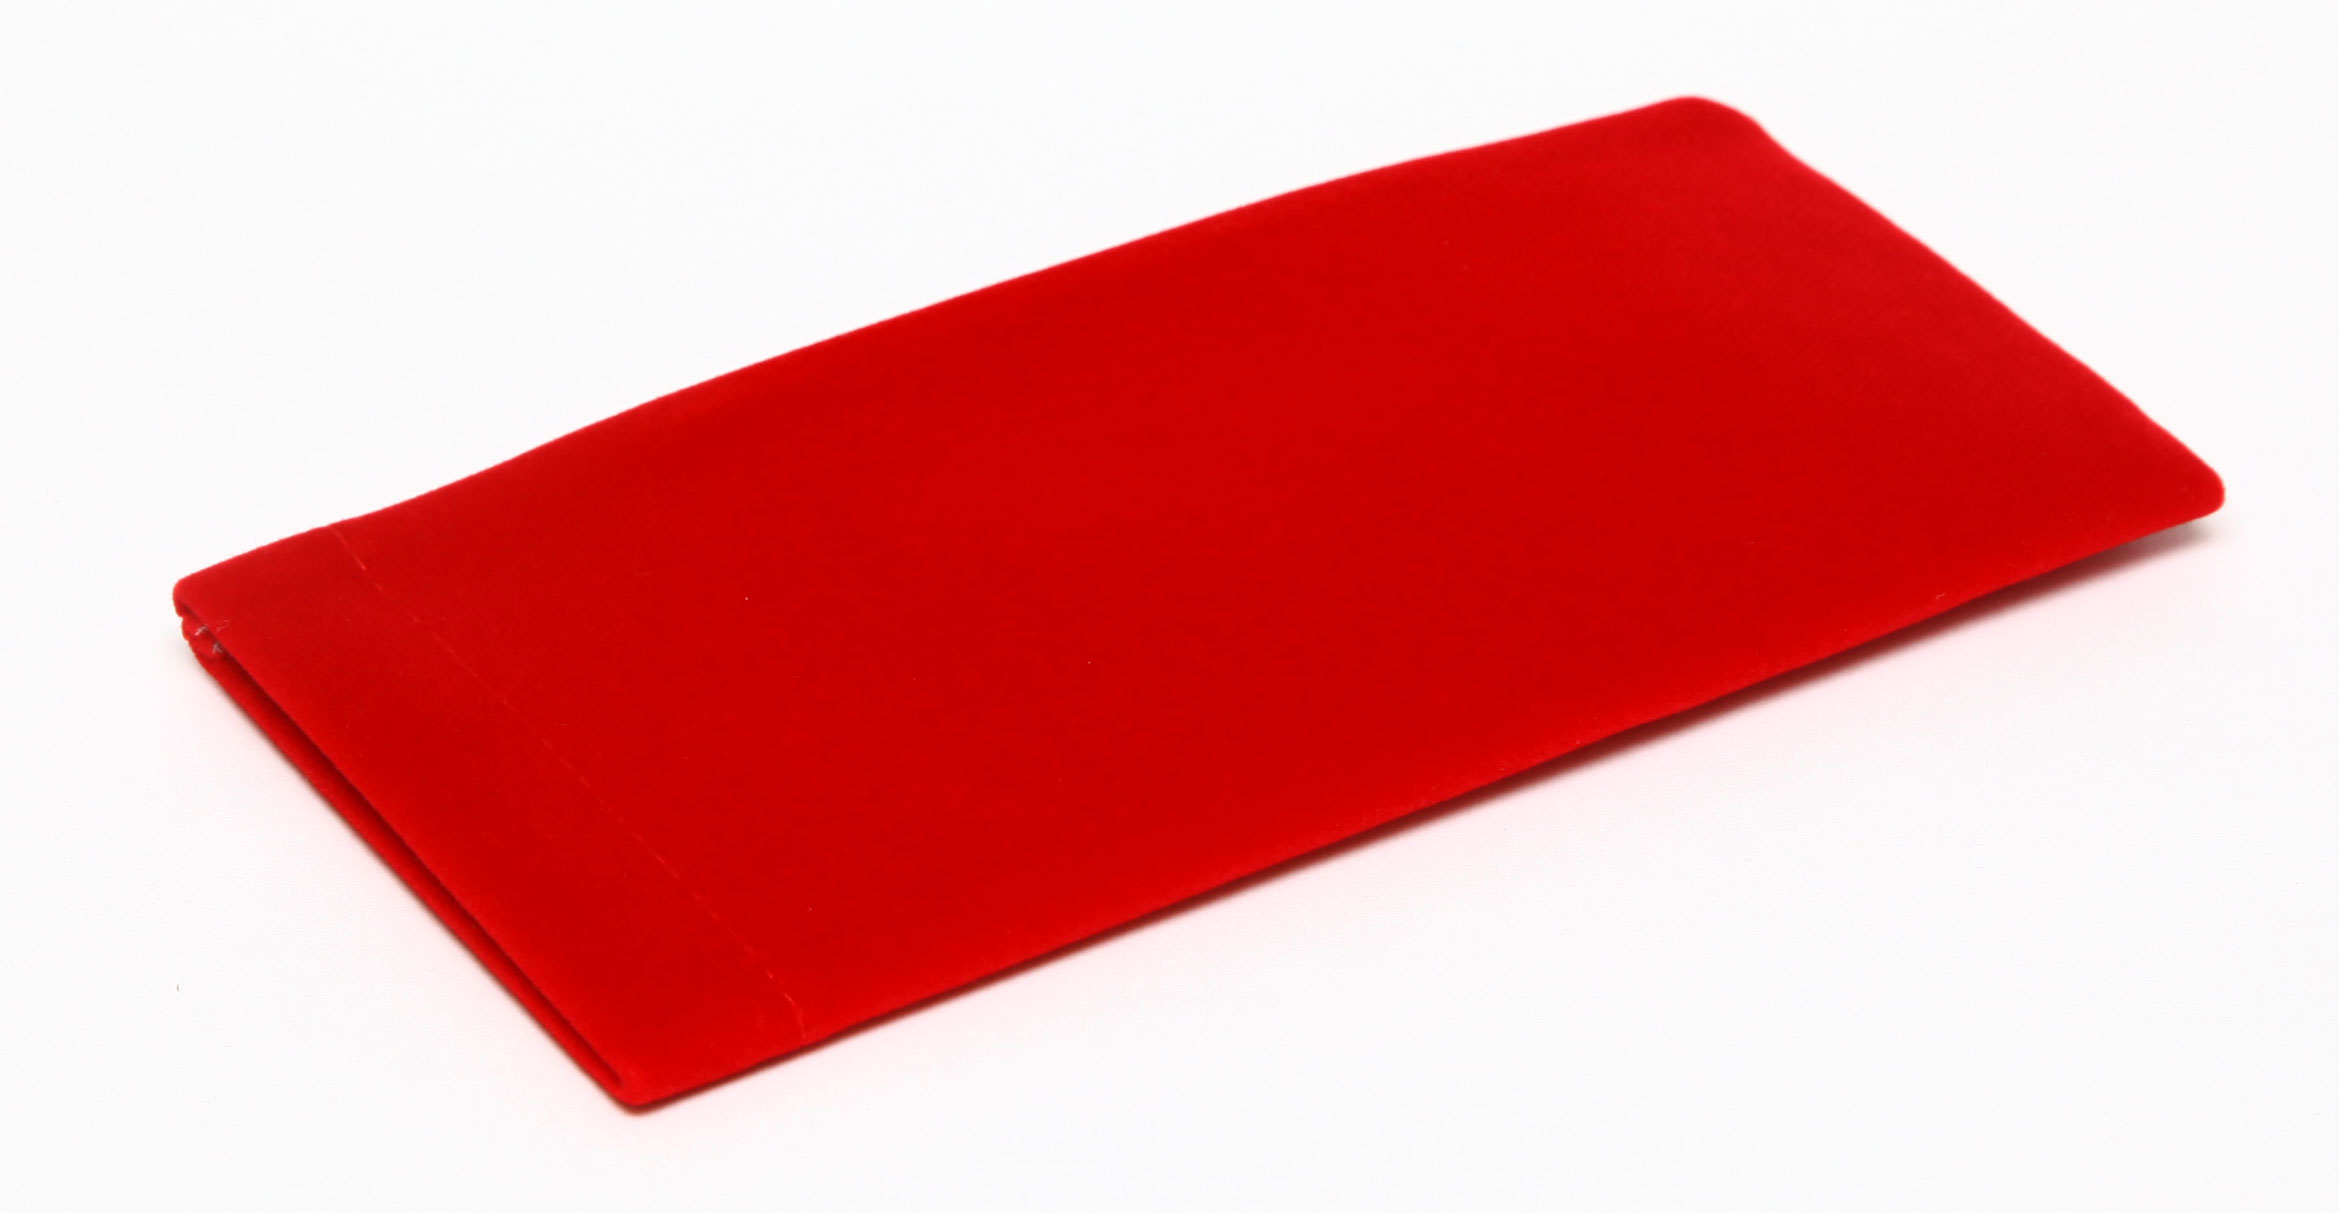 Proffi Home Футляр для очков Fabia Monti текстильный, мягкий, широкий, цвет: красныйPH6741Футляр для очков сочетает в себе две основные функции: он защищает очки от механического воздействия и служит стильным аксессуаром, играющим эстетическую роль.